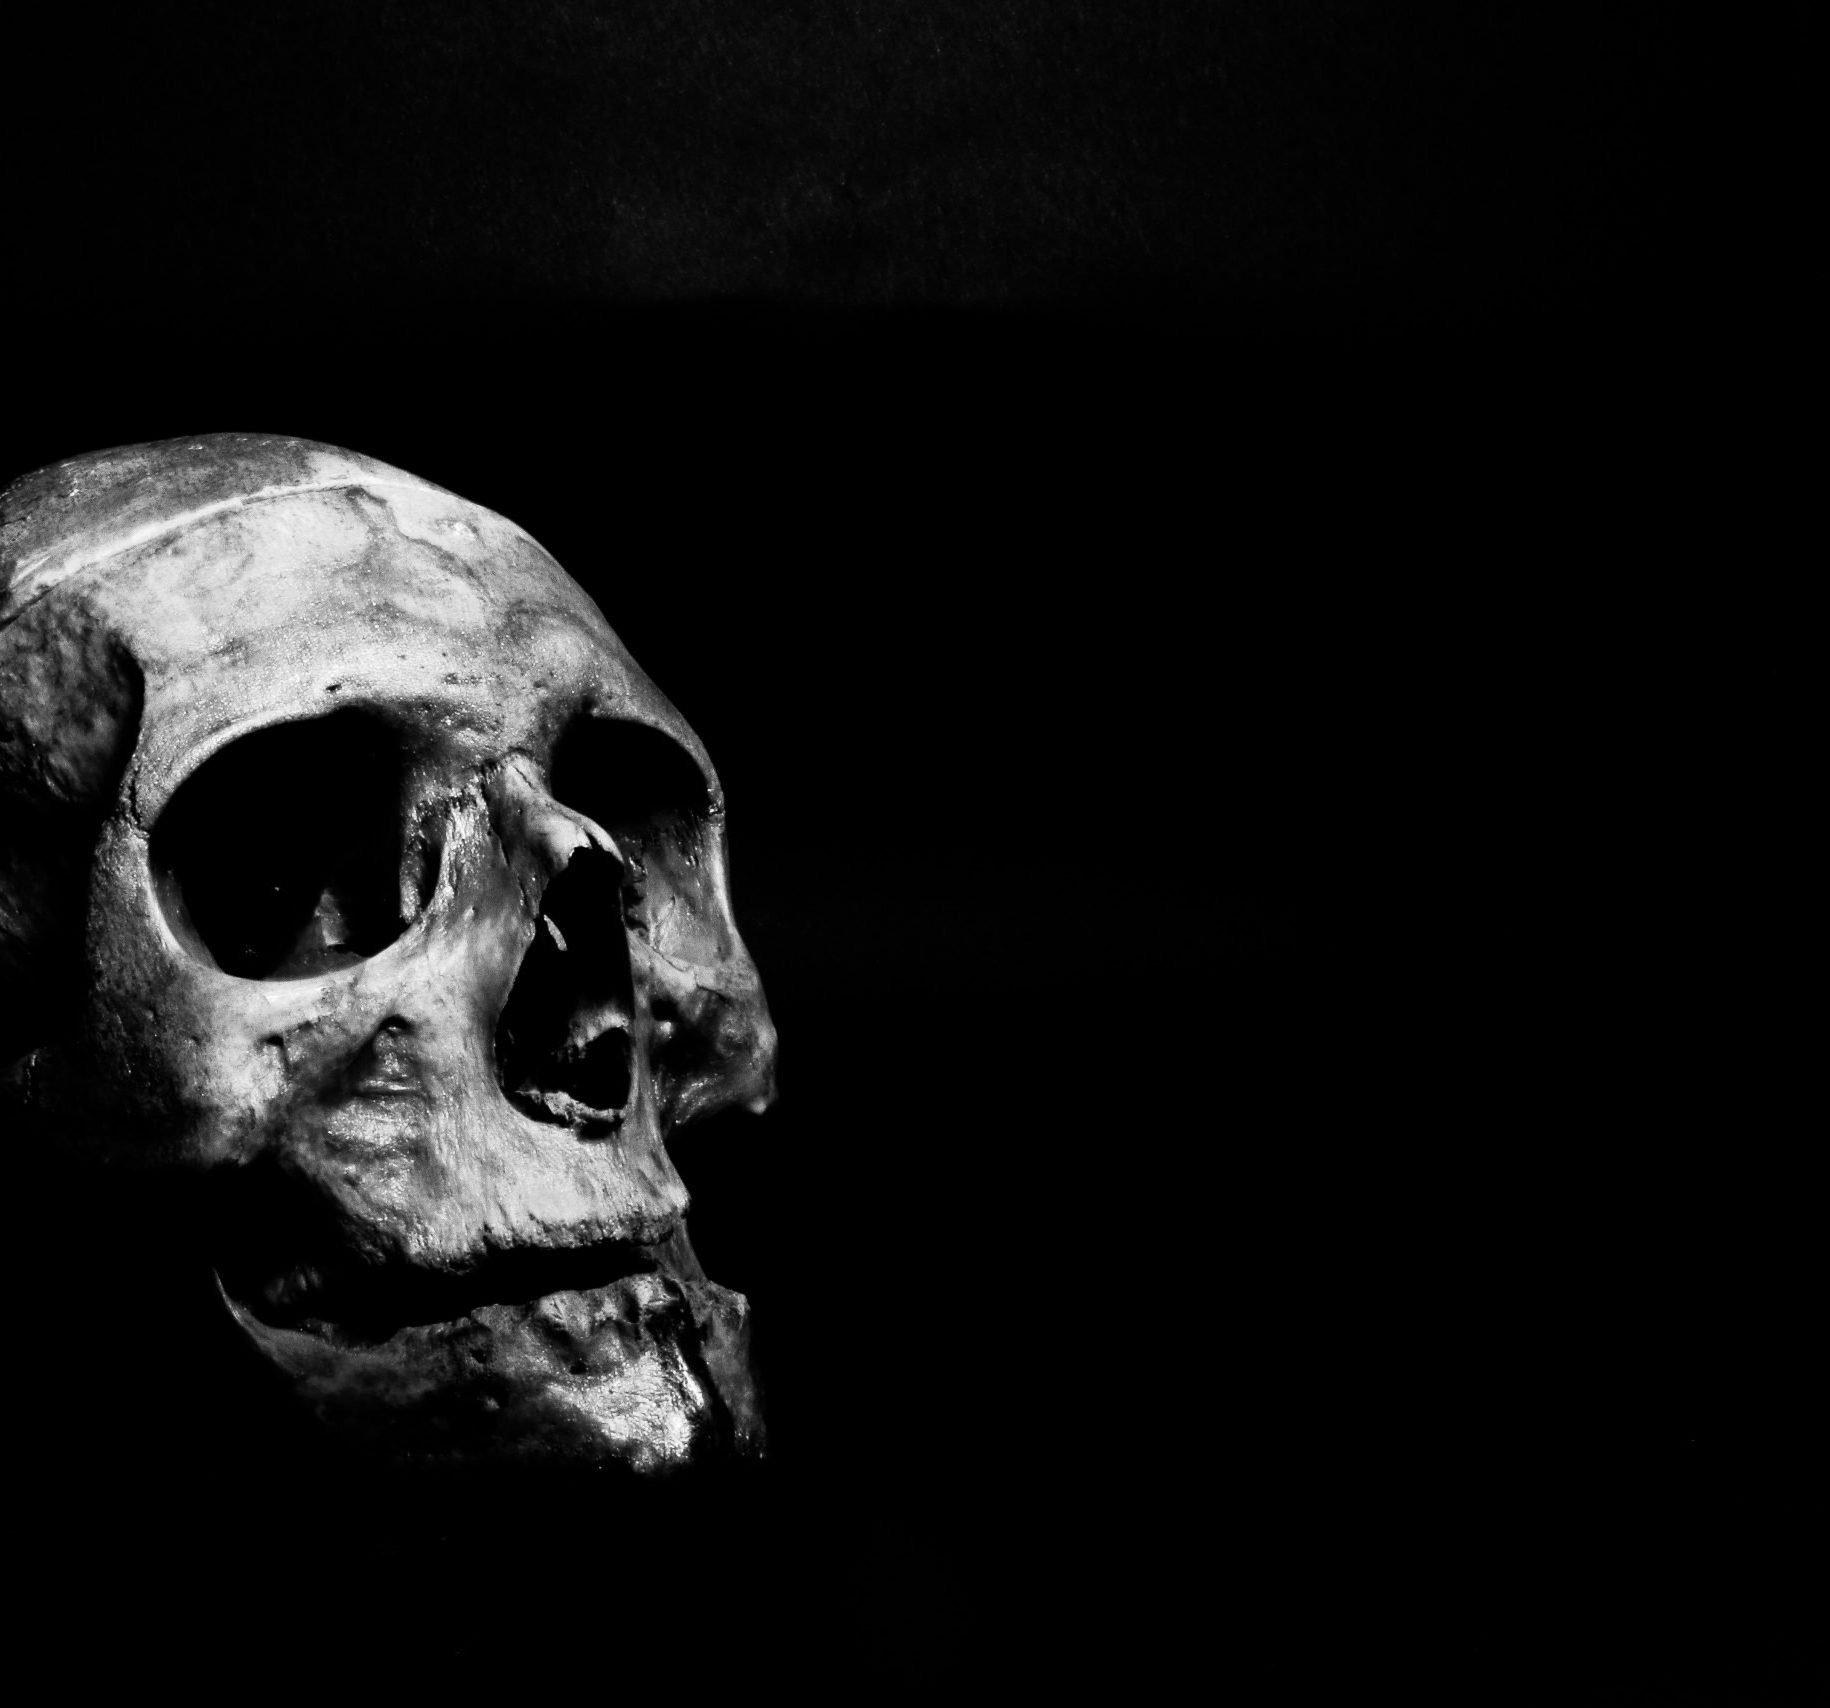 le 3 epidemie più granvi della storia - morte teschio epidemie